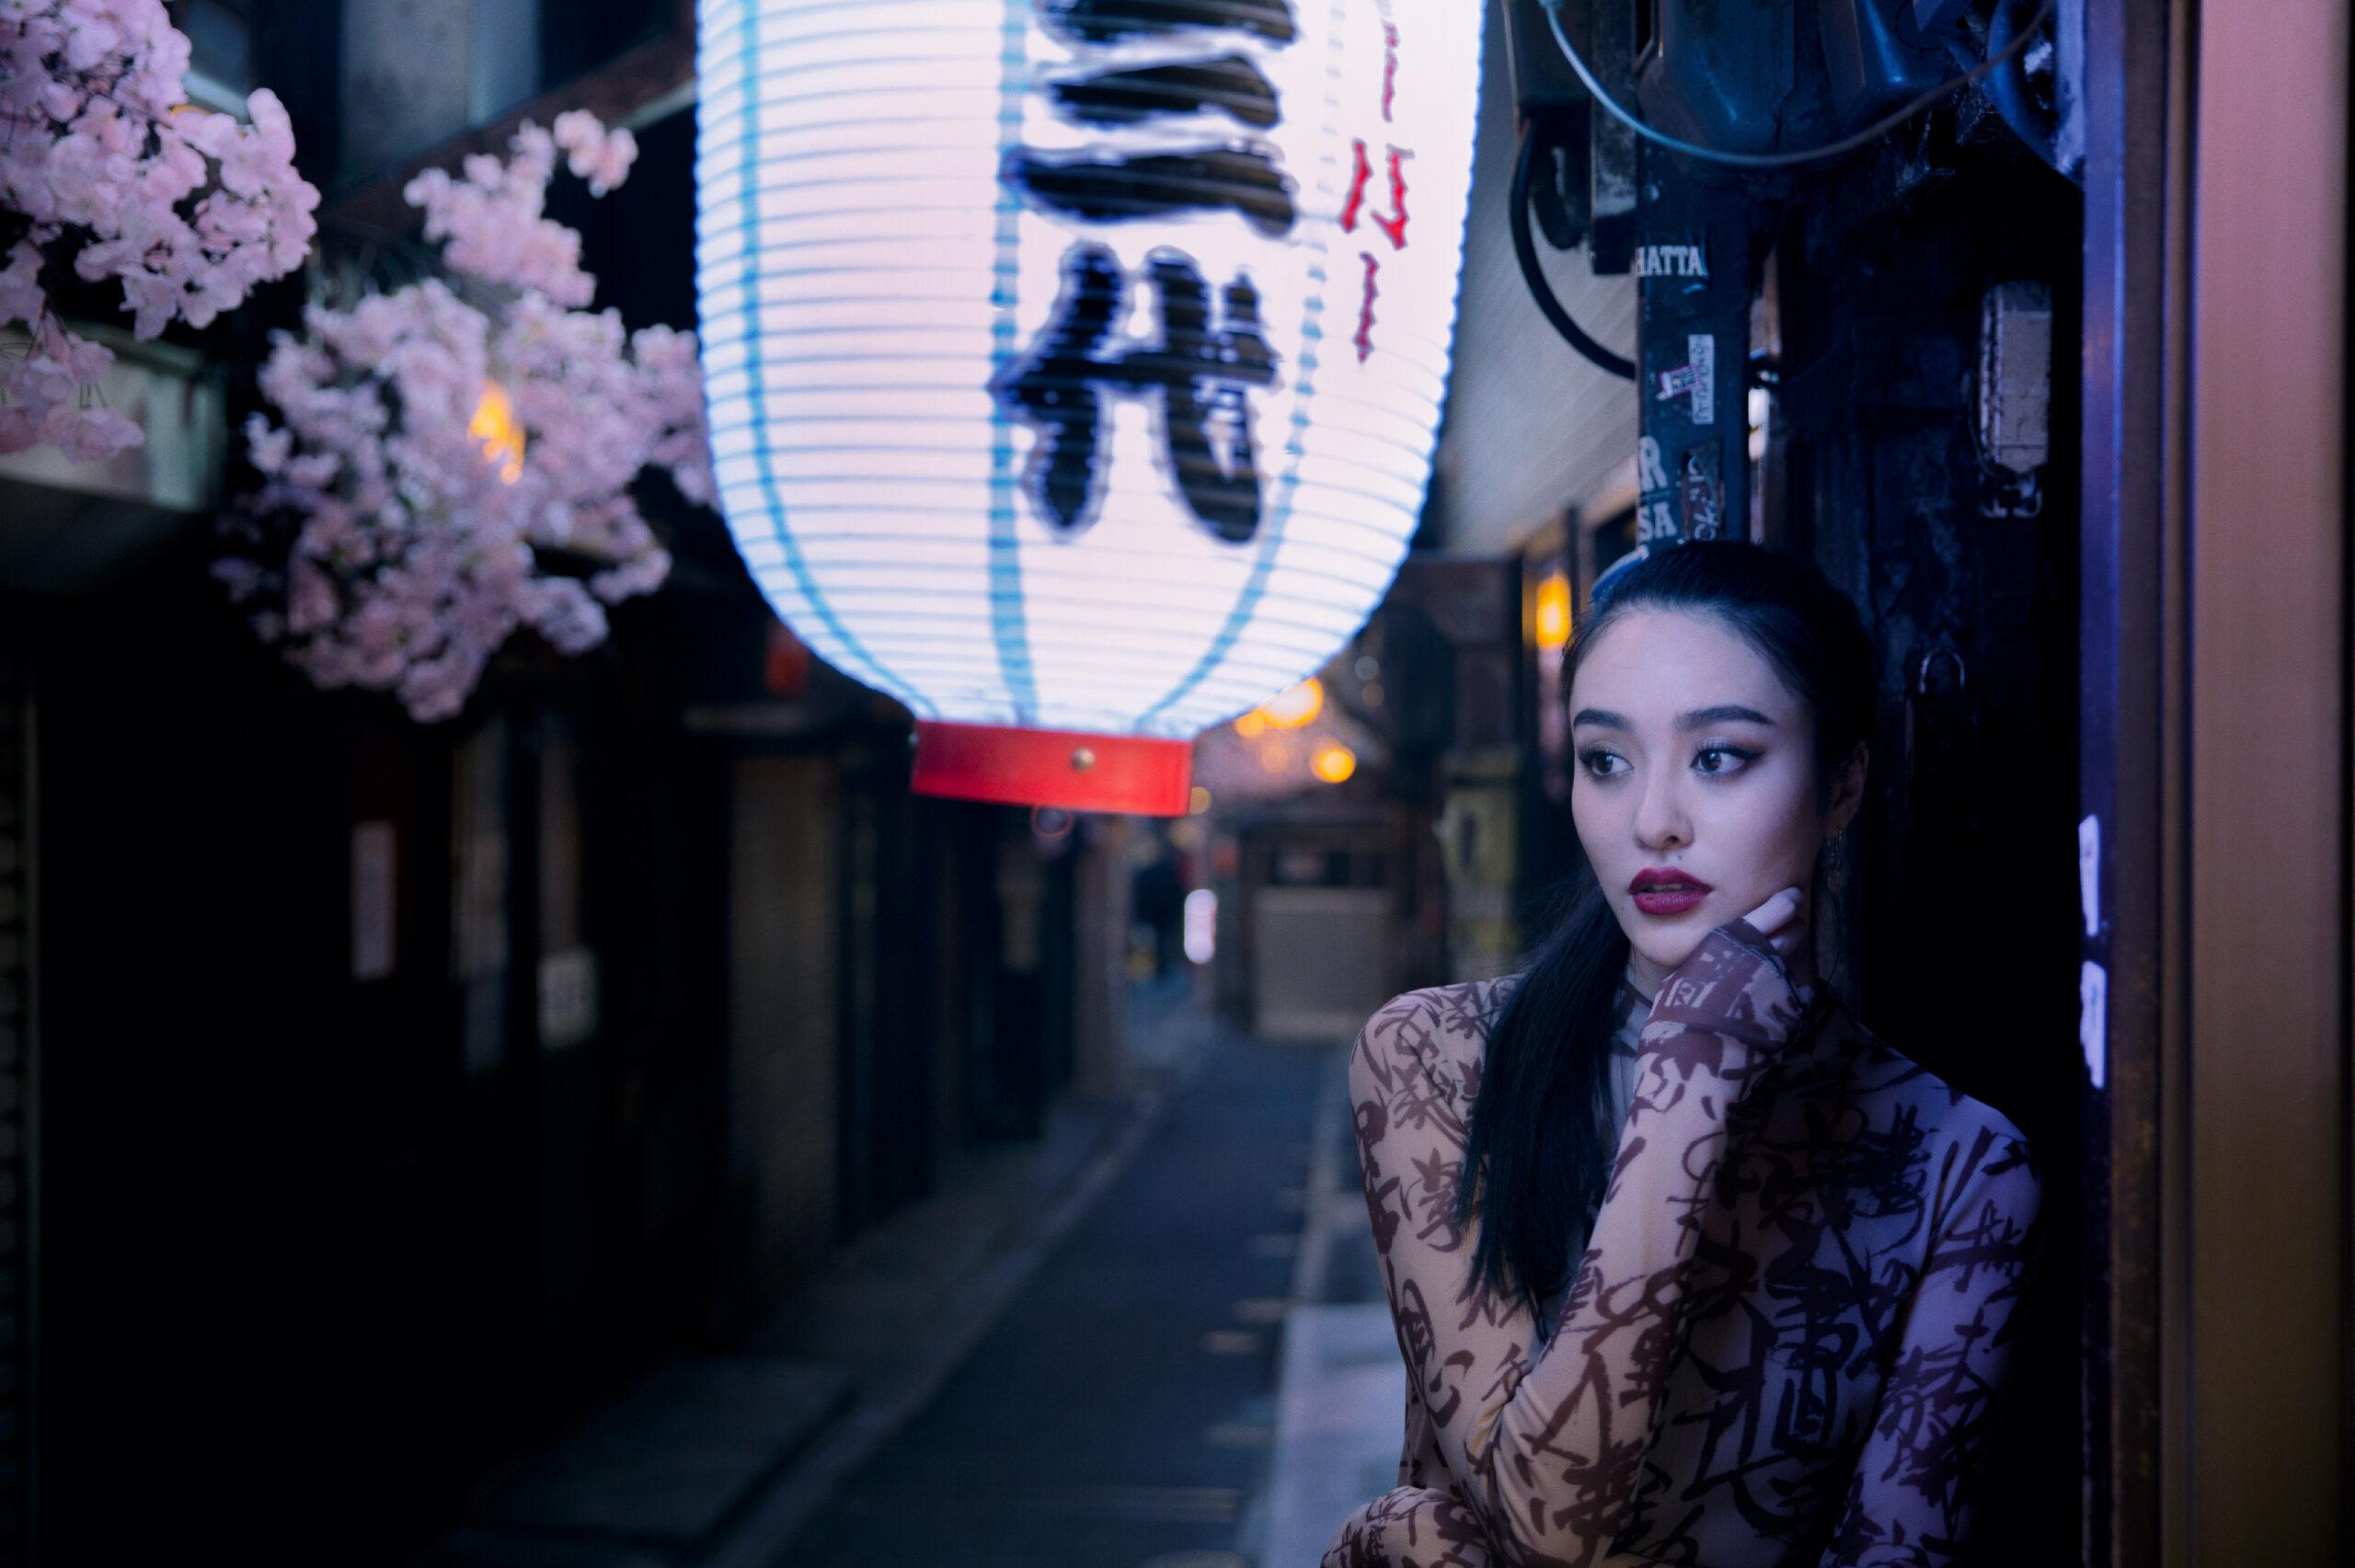 aya in tokyo alleyways